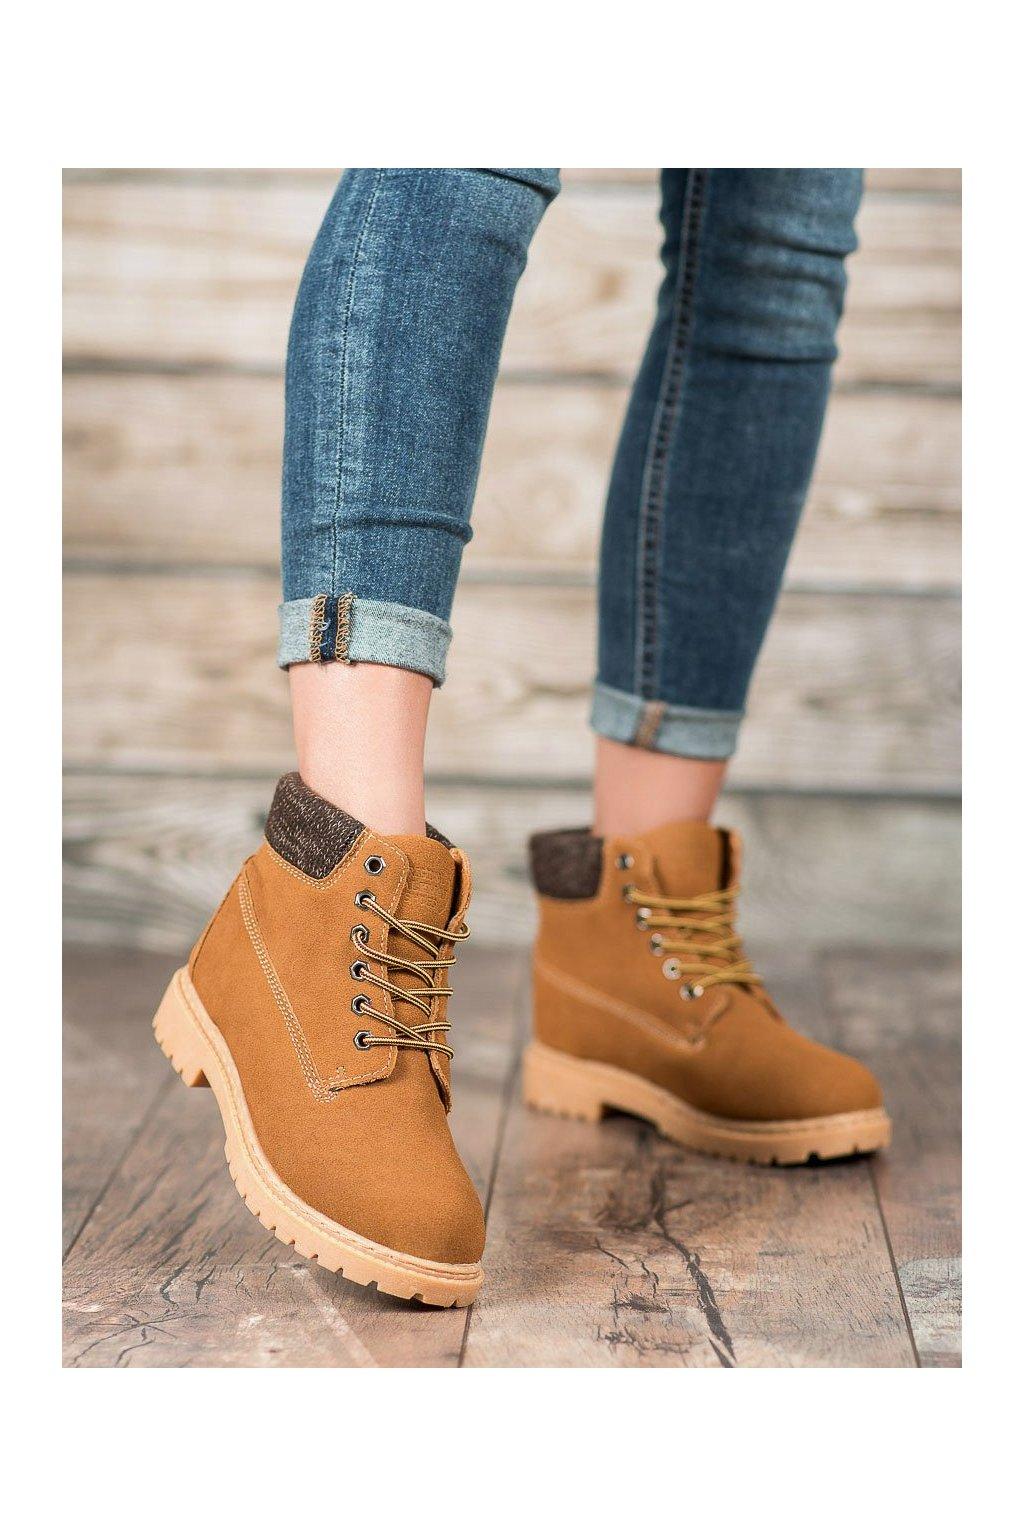 Hnedé dámske topánky Original walkman shoes kod 37211C